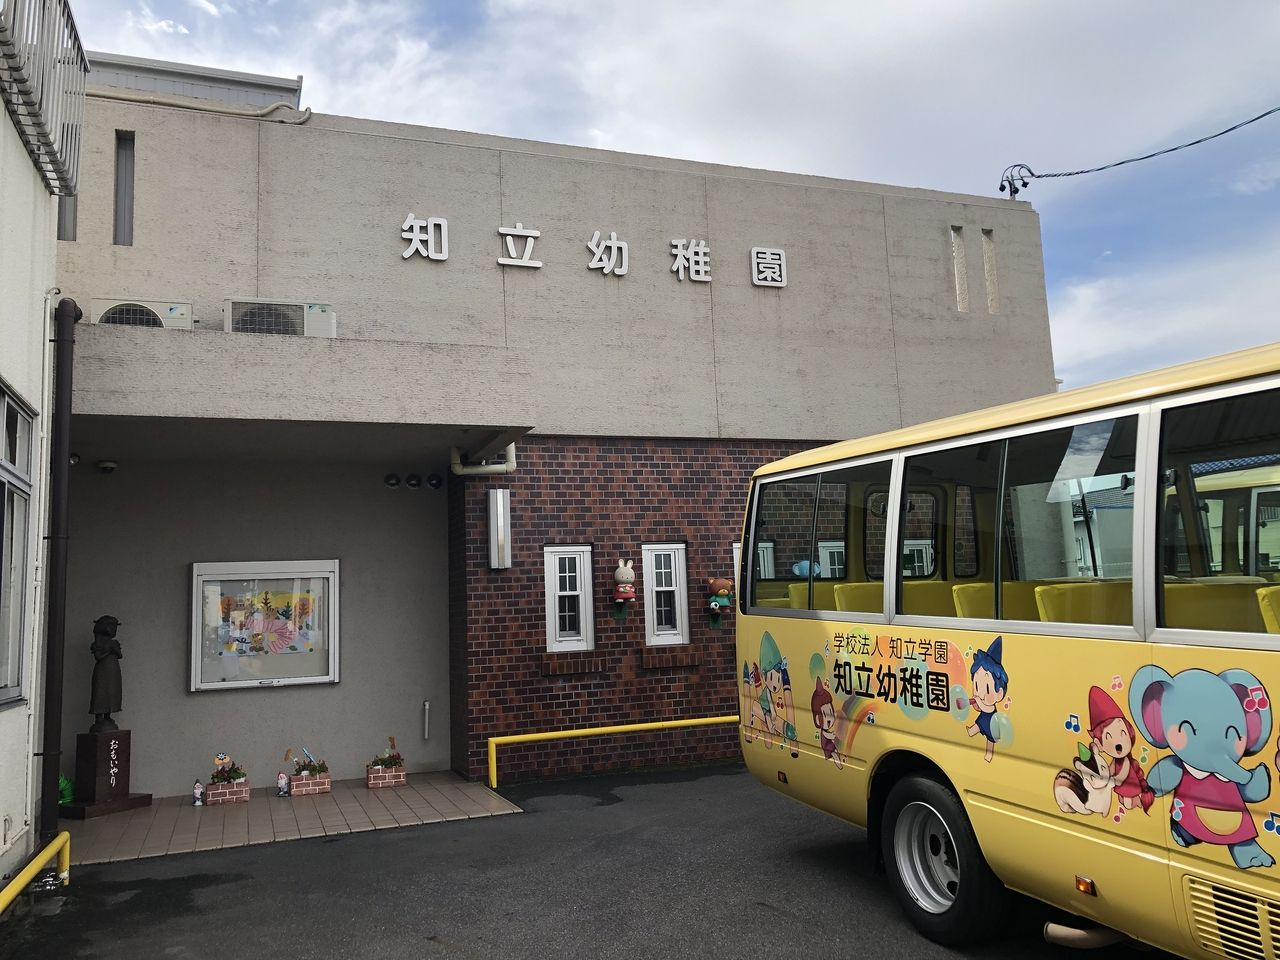 山屋敷町富士塚1-97 0566-81-1251